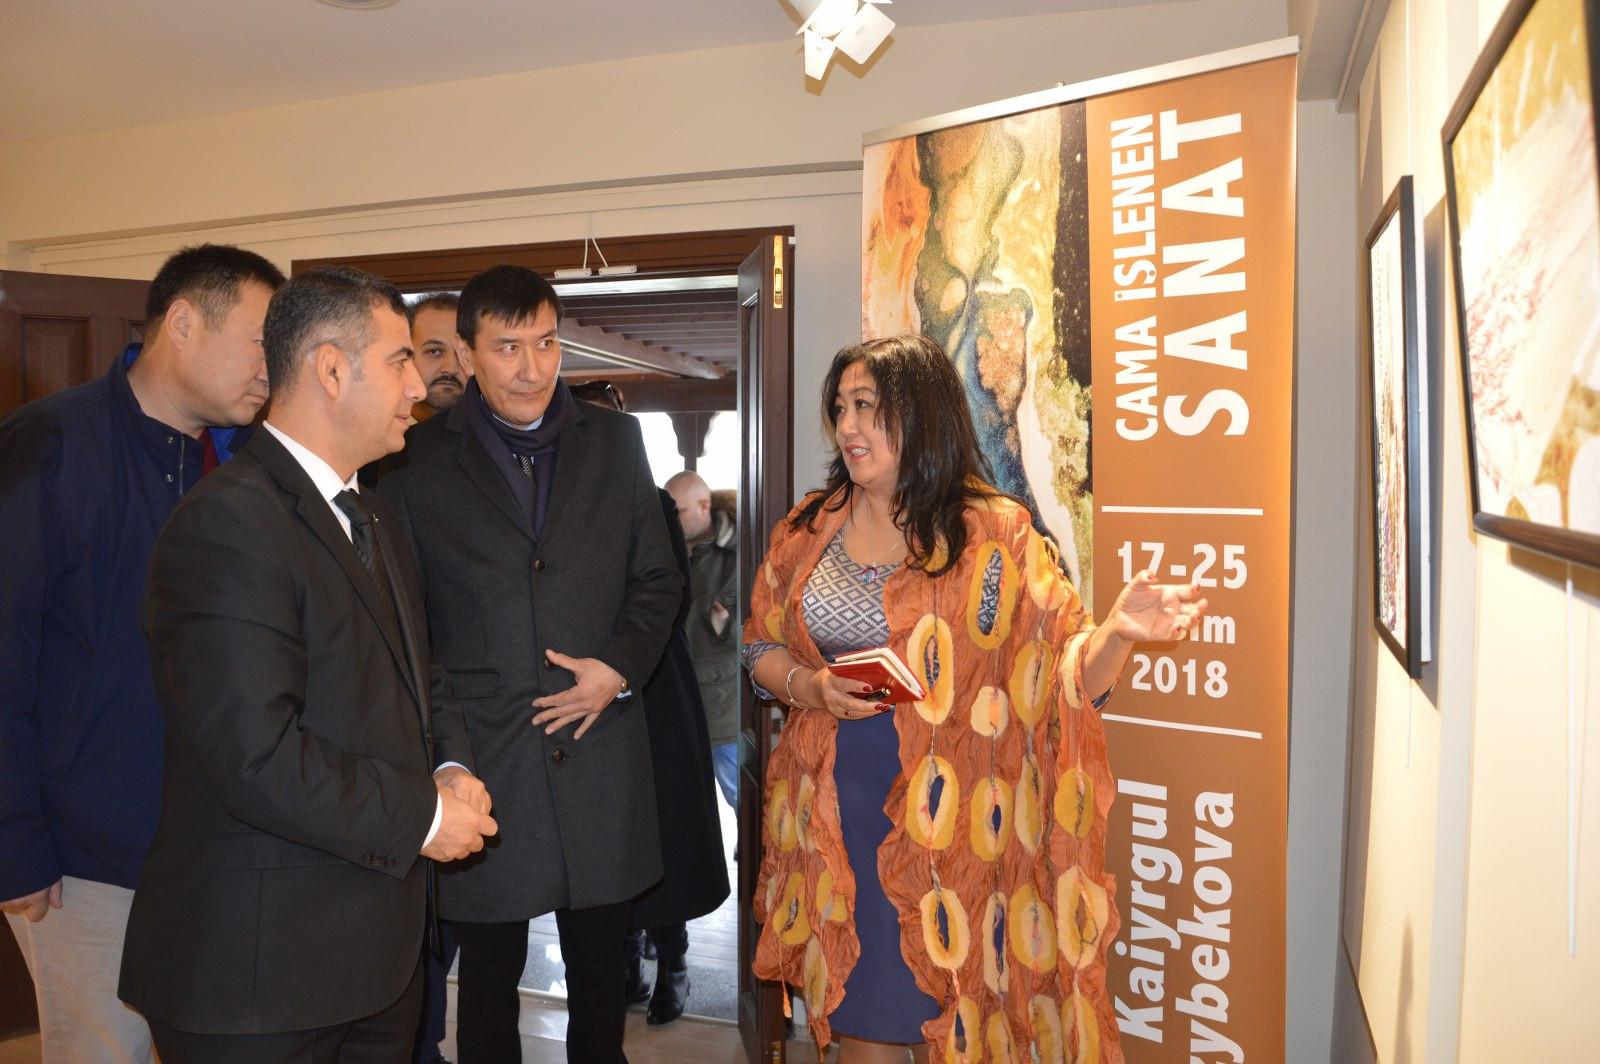 """İstanbul Büyükşehir Belediyesi'nin destekleriyle Kazıbekova'nın """"Cama İşlenen Sanat"""" sergisi Türk Dünyası Kültür Mahallesi'nde açıldı Galeri - 3. Resim"""